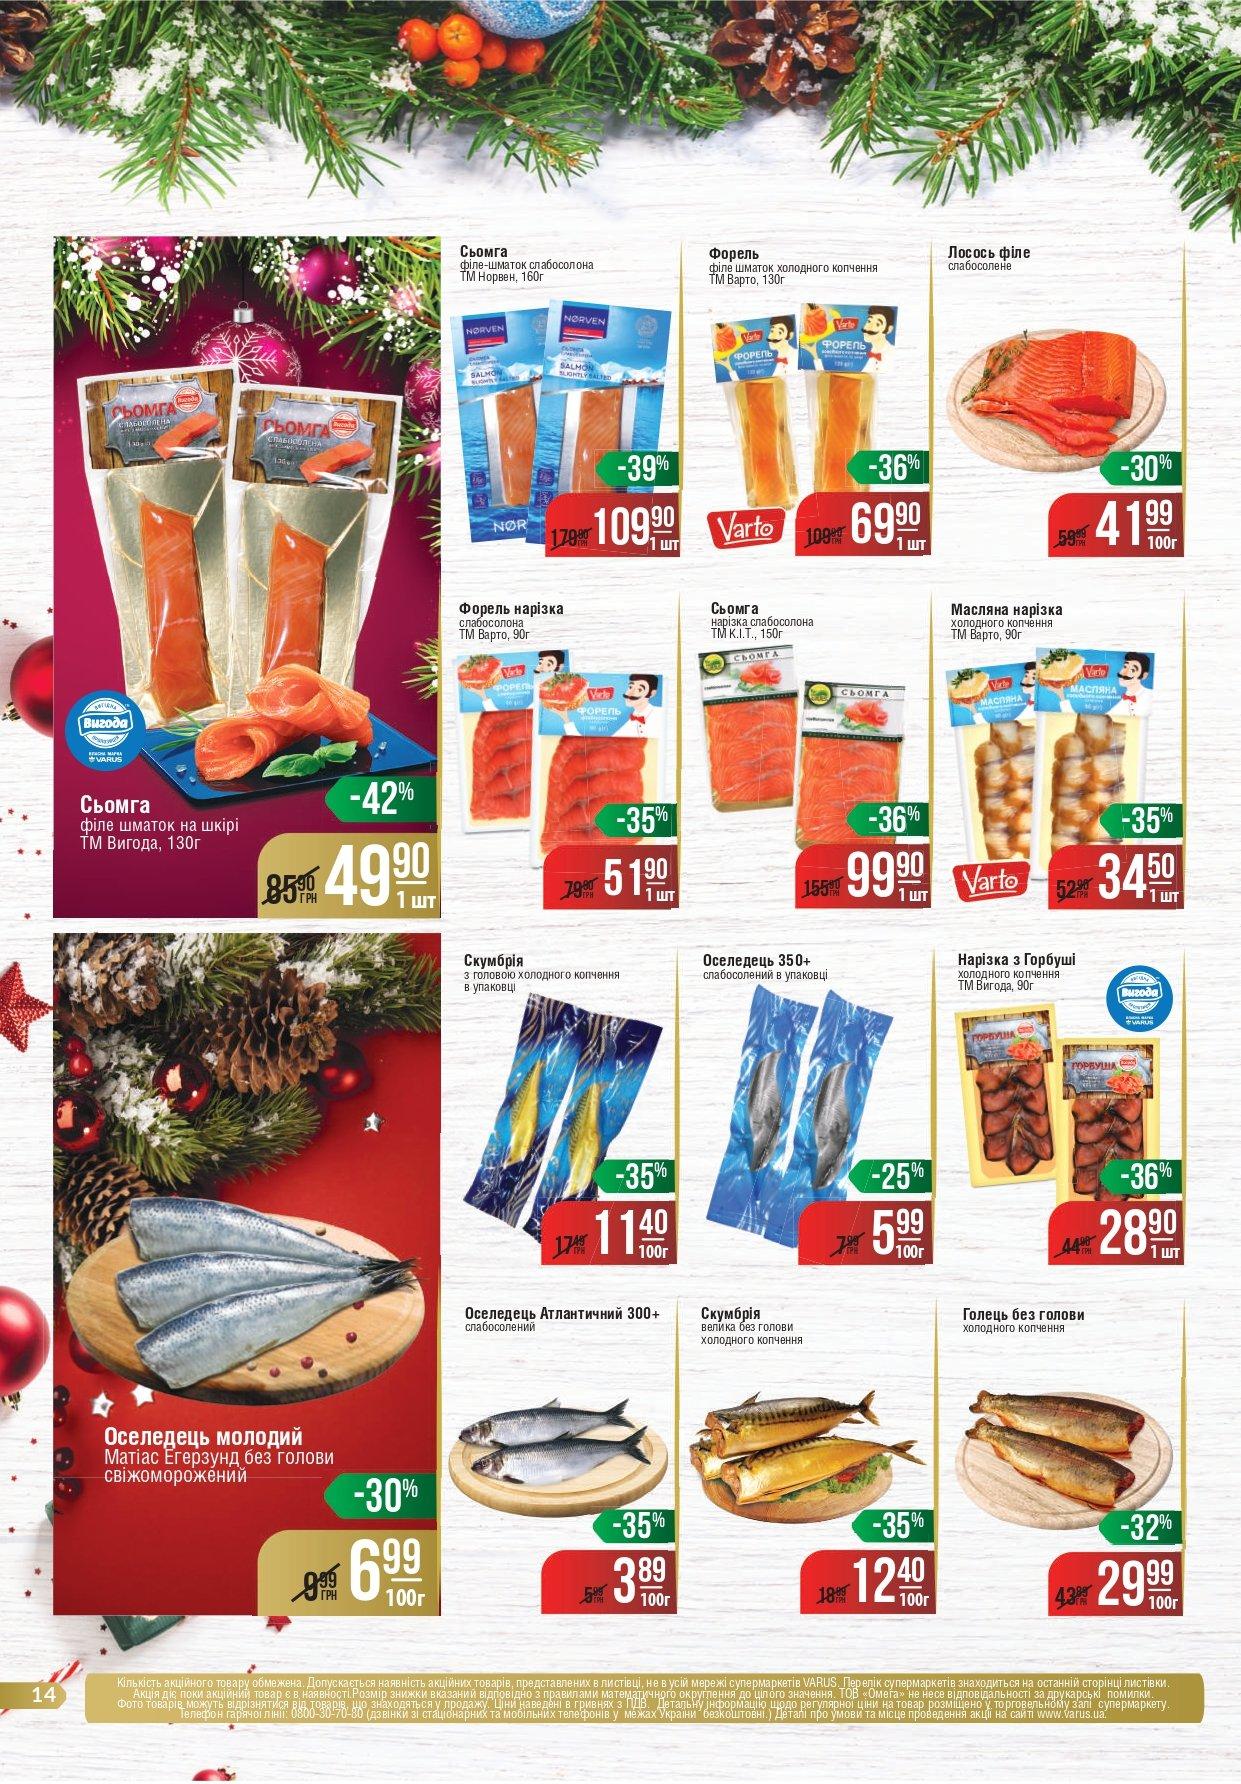 Делаем покупки к Новому Году: какие акции действуют в супермаркетах Днепра, - ЦЕНЫ, фото-43